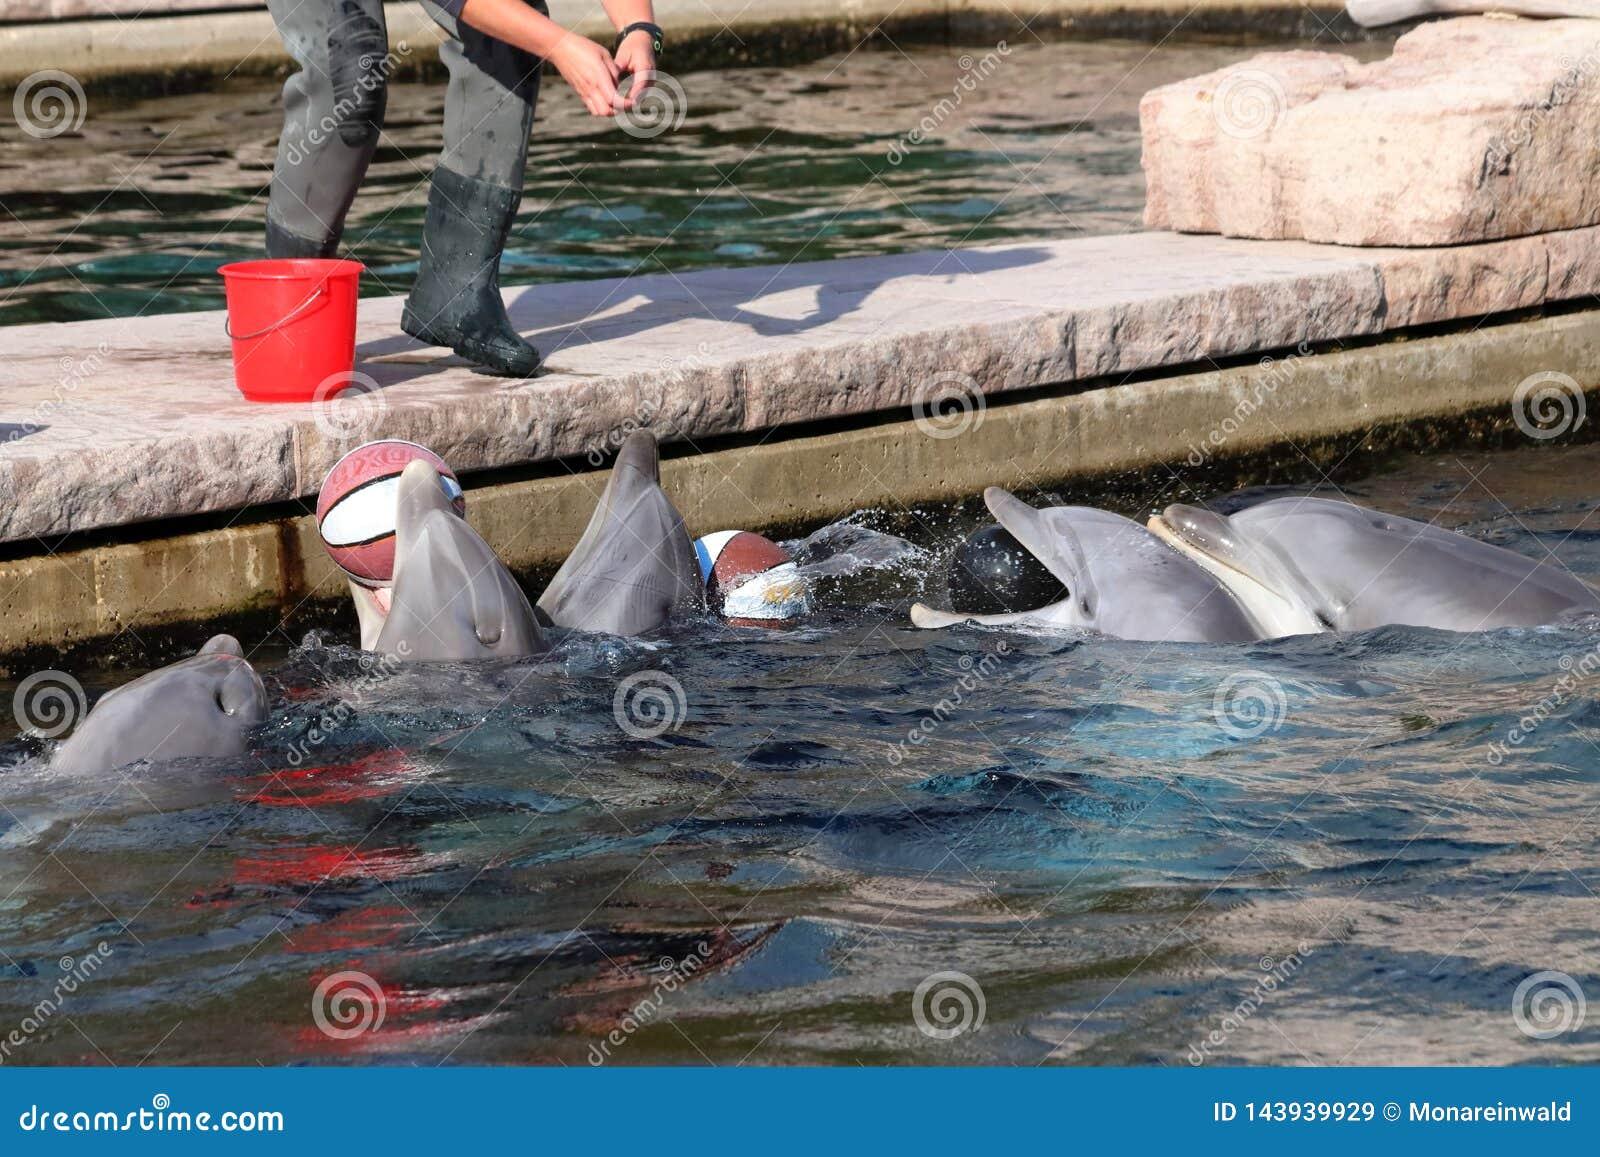 Delfin in zoo in germany in nuremberg.